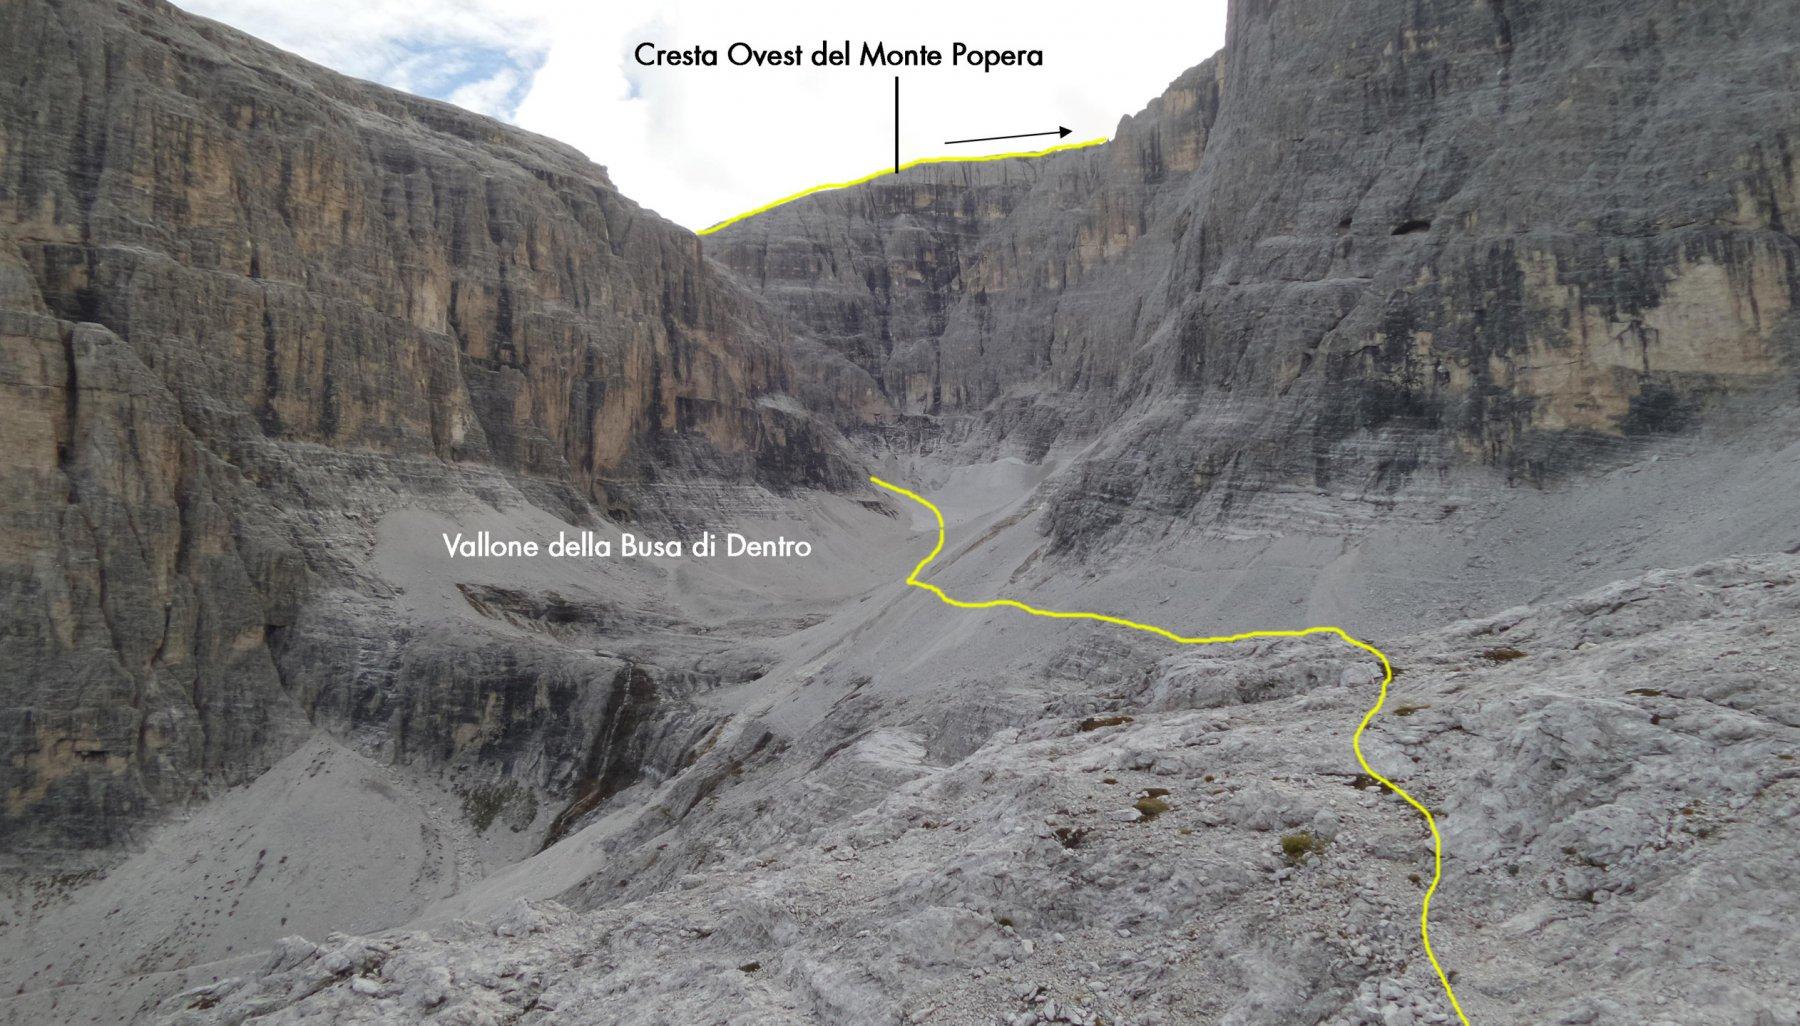 il tratto iniziale della salita per il Vallone della Busa di Dentro (19-9-2015)